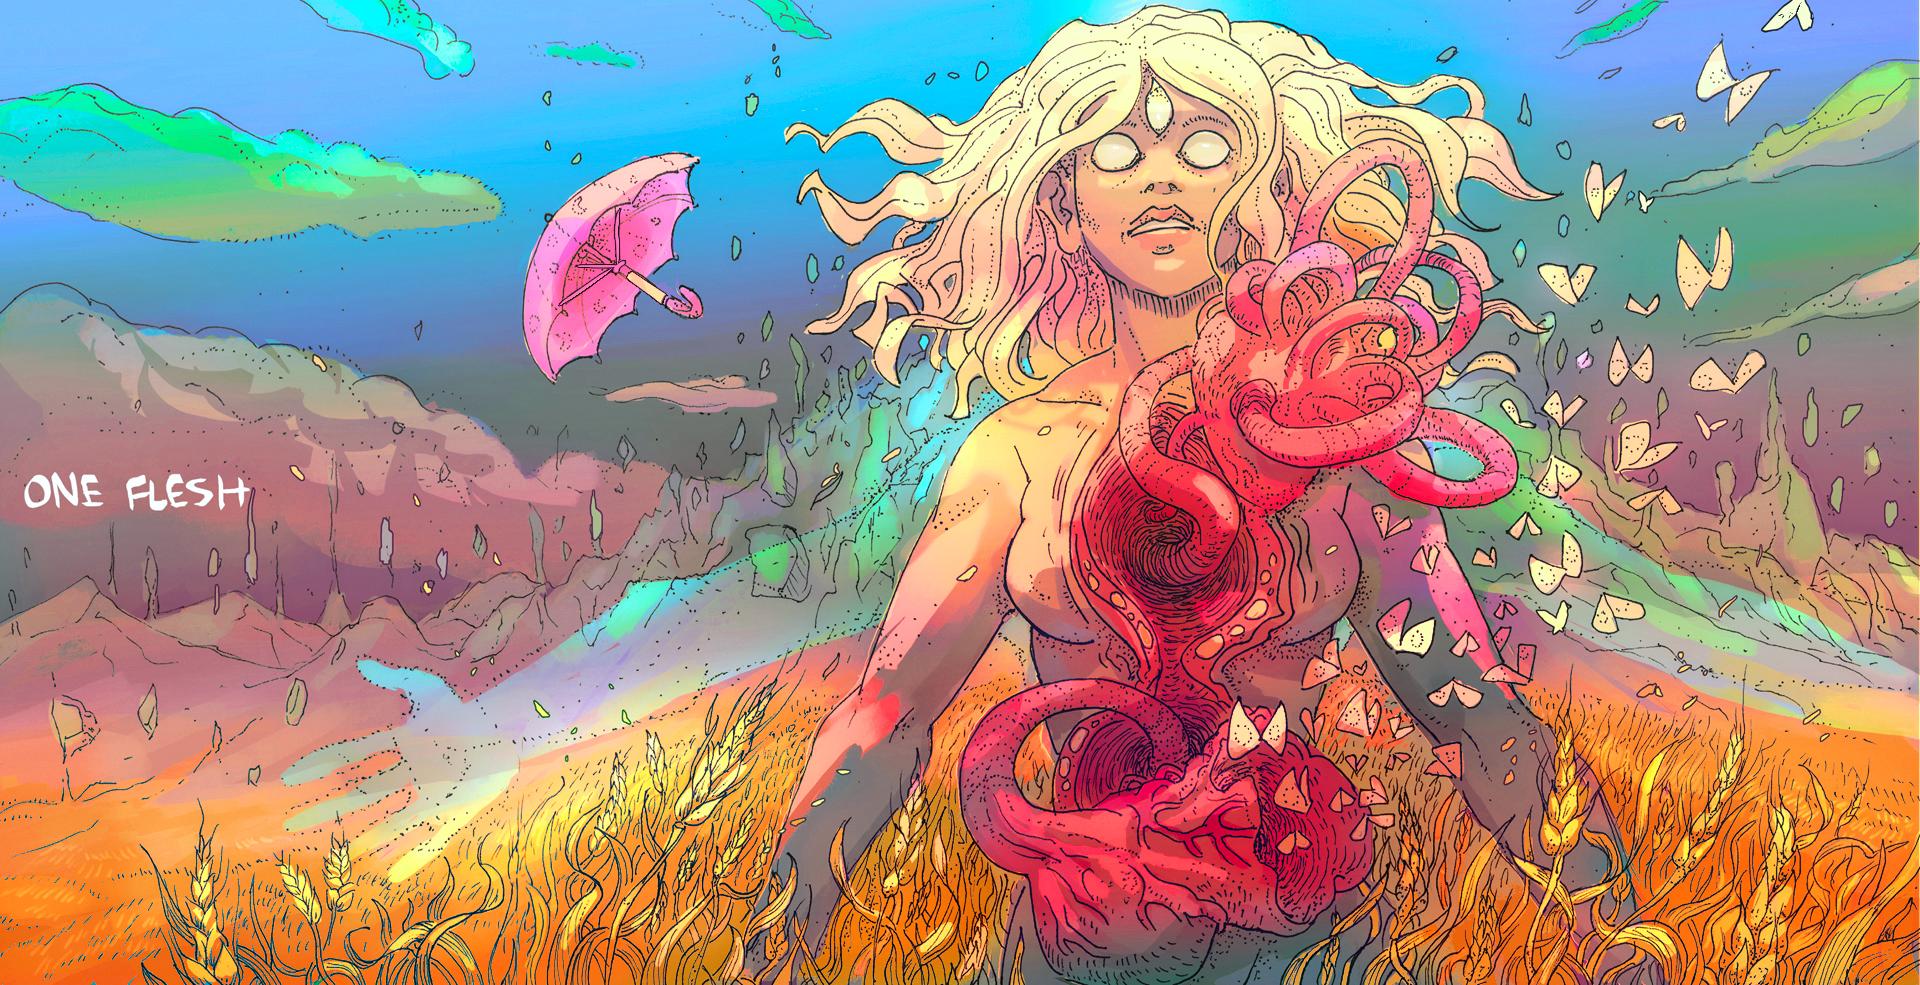 One flesh by Fealasy